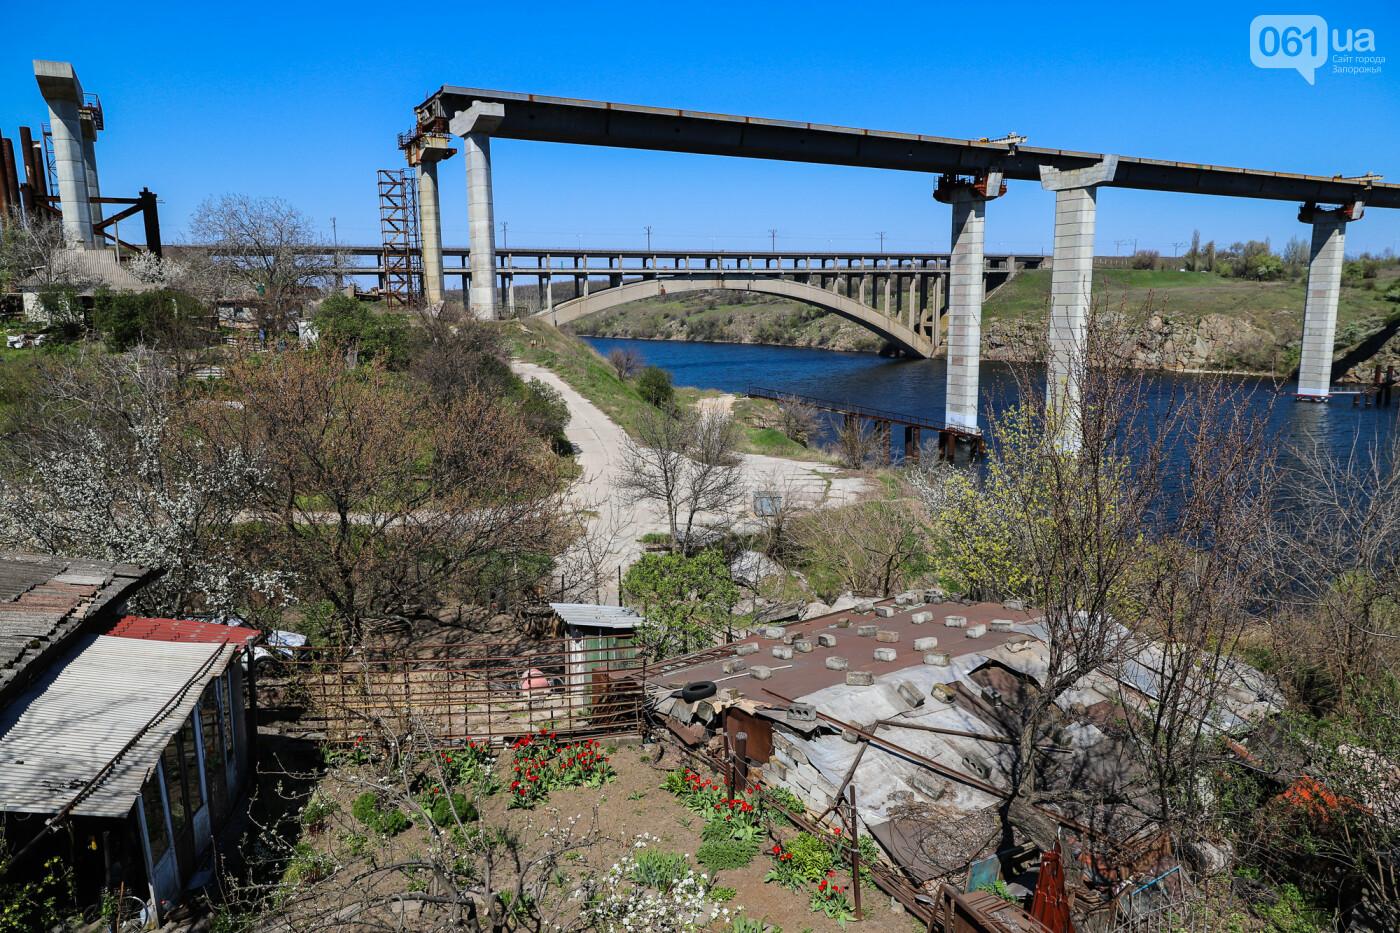 На запорожские мосты выделено 2,7 миллиарда: что сейчас проиходит стройплощадке, - ФОТОРЕПОРТАЖ, фото-33